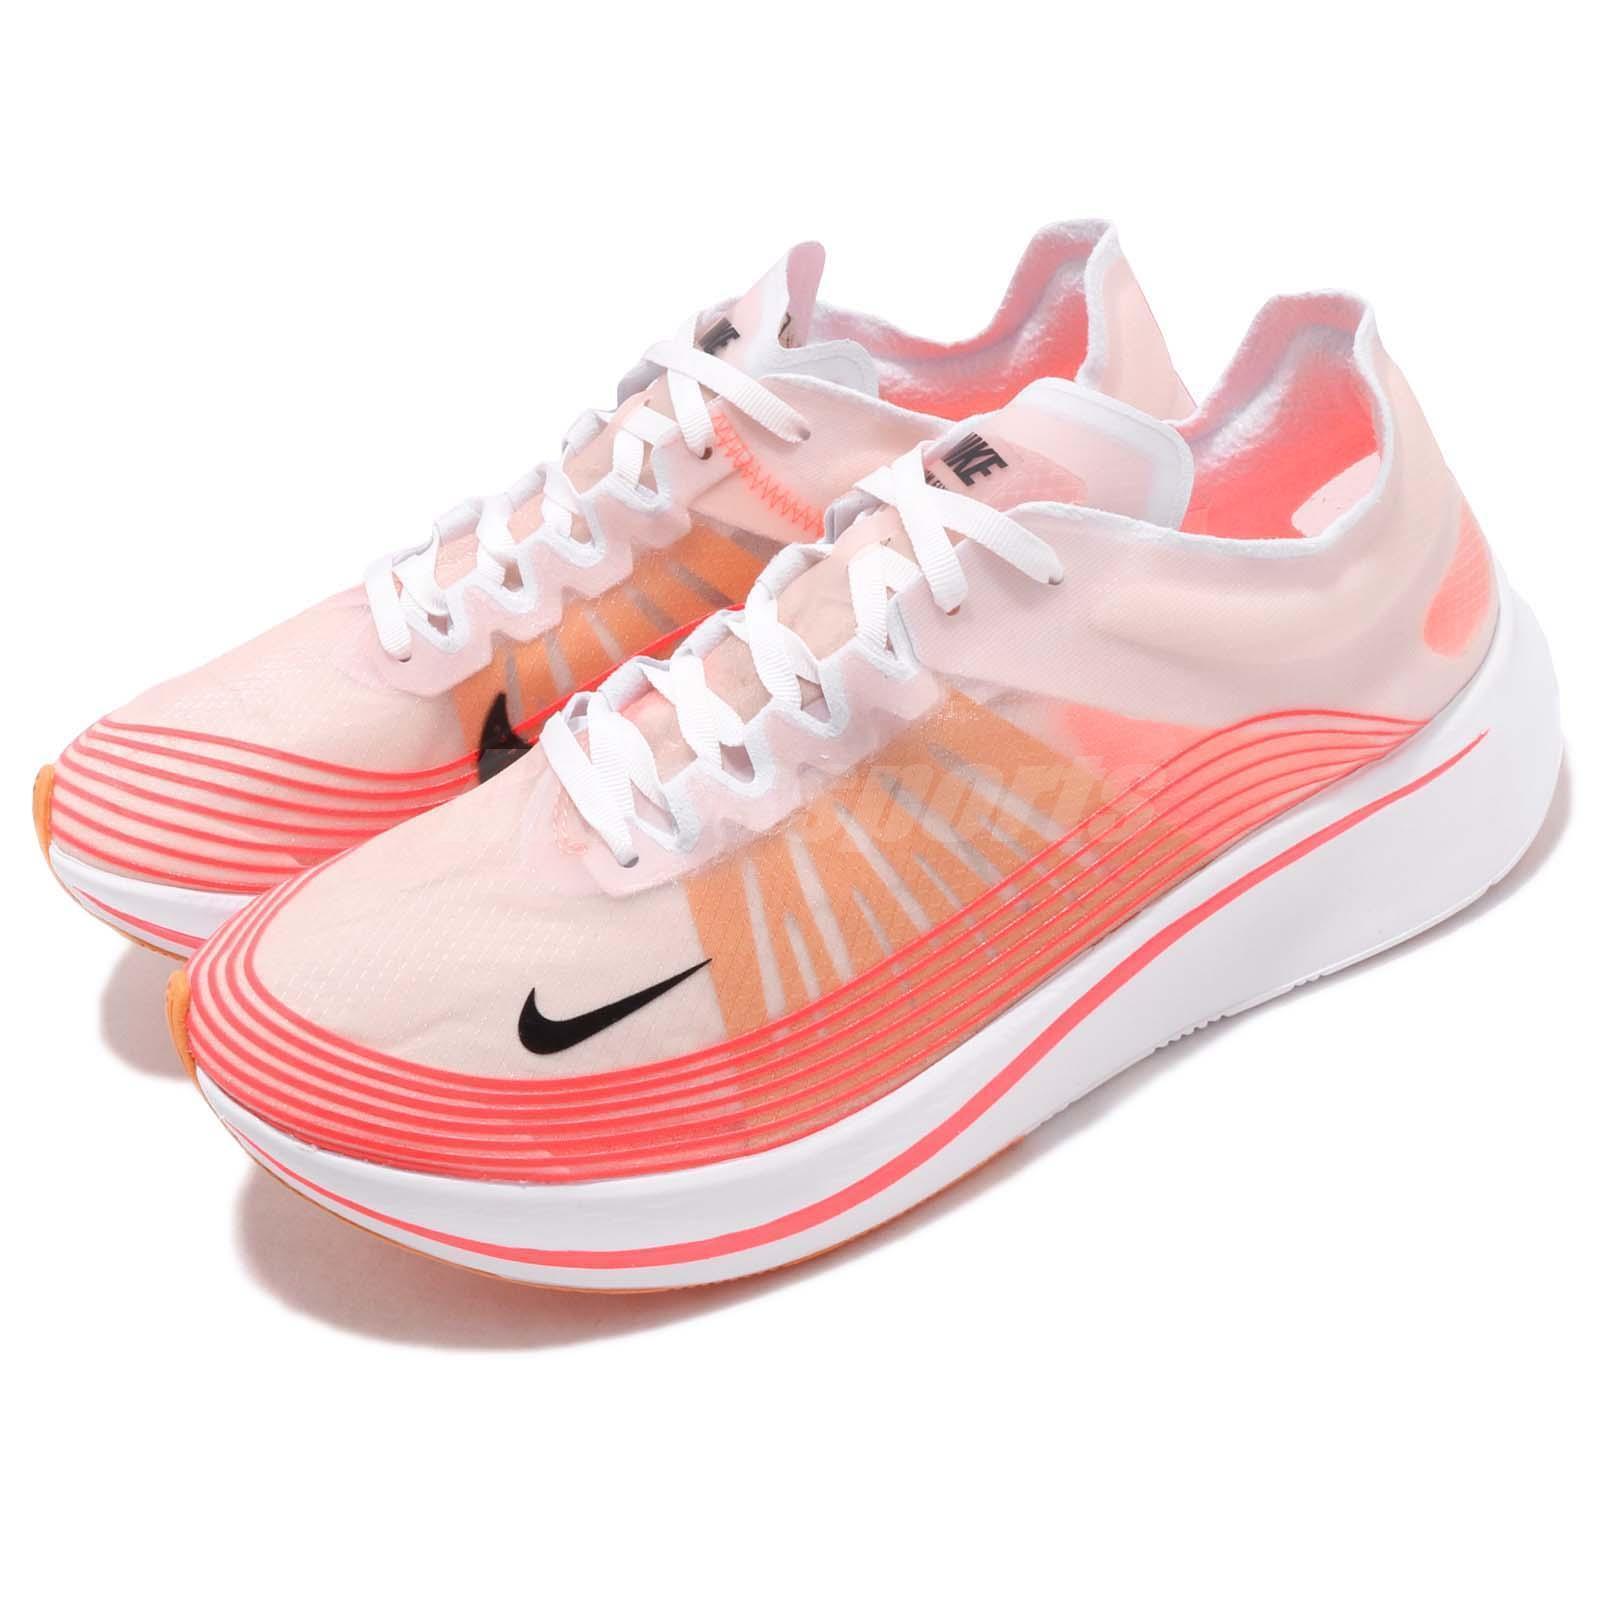 Nike Zoom Fly SP Varsity Red Black Sneakers White Men Running Shoes Sneakers Black AJ9282-600 b99468